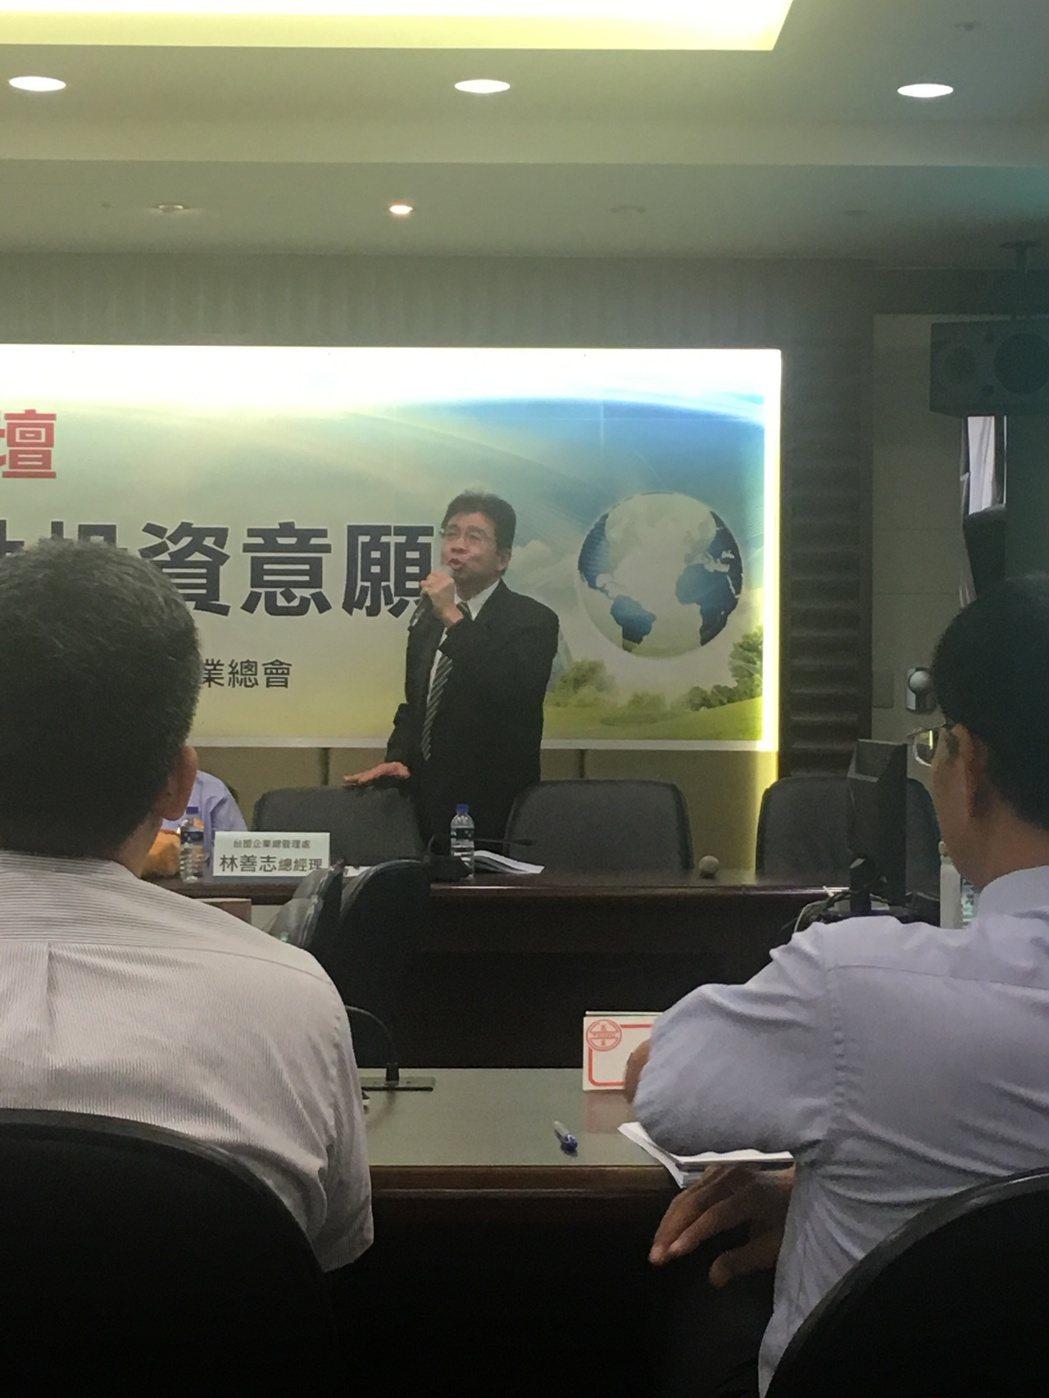 圖2:台塑企業總管理處總經理林善志 (攝影:蔣士棋)